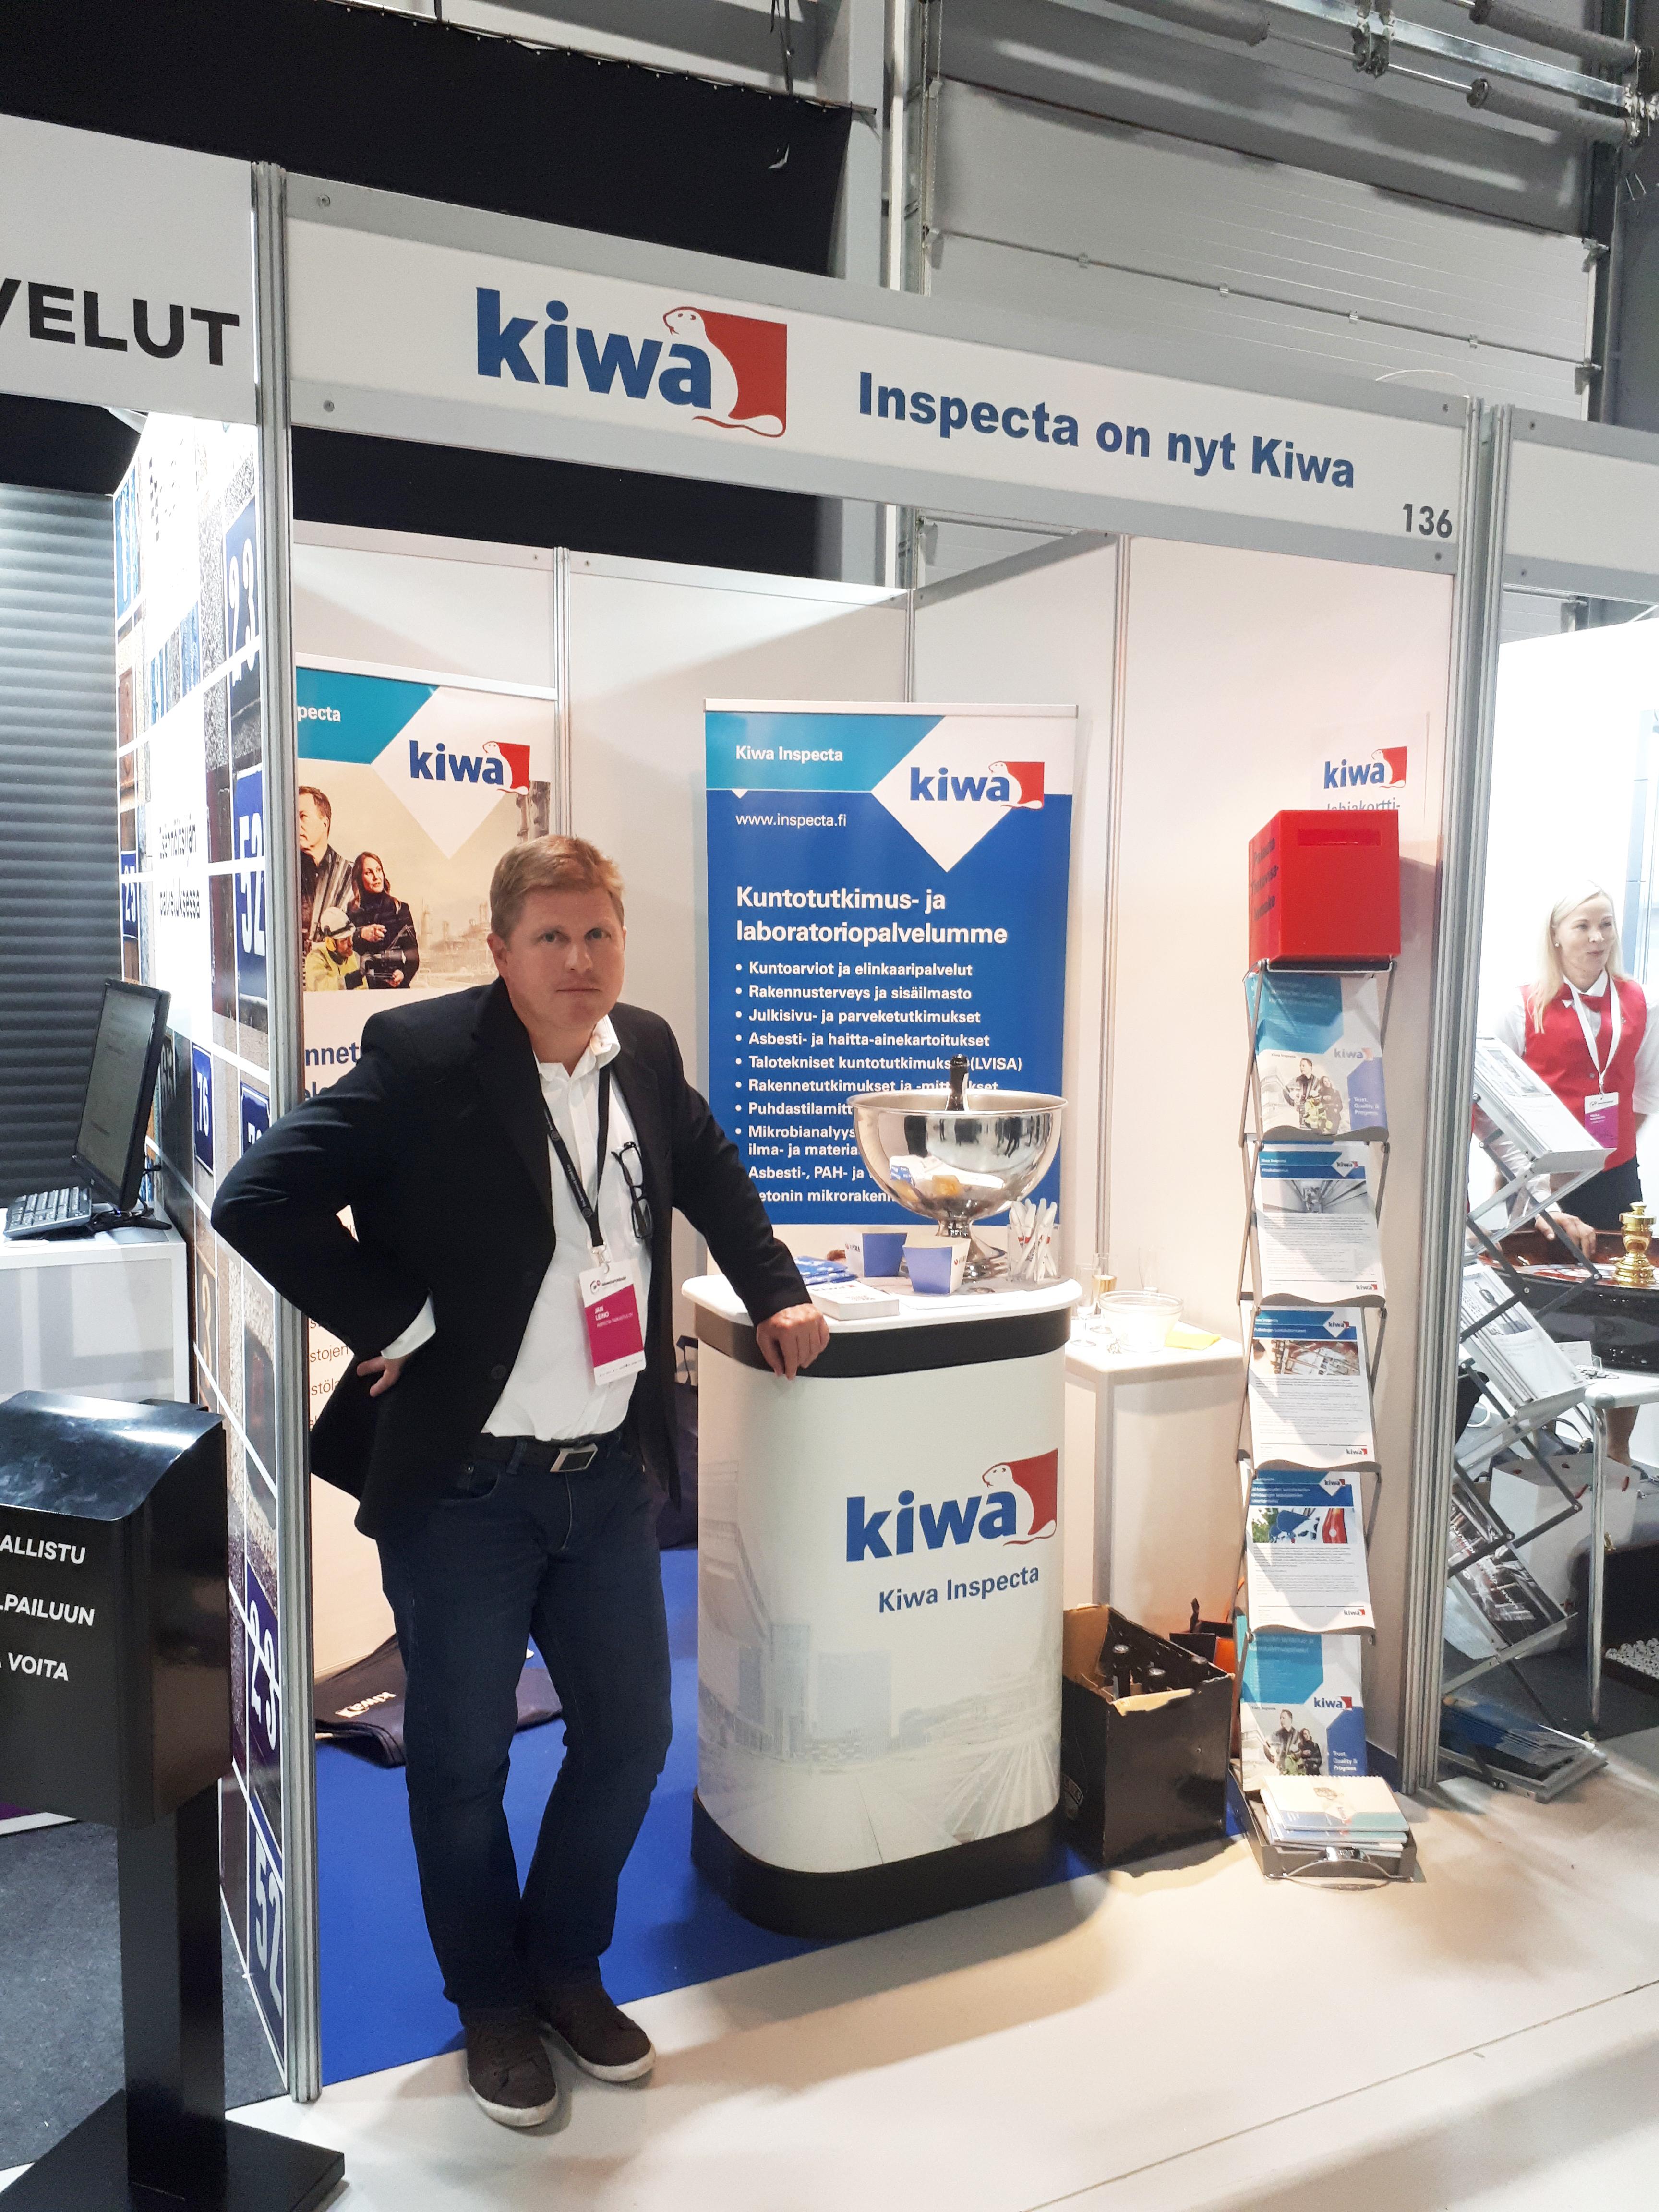 Kiwa Inspectan Jan Leino esittelemässä kuntotutkimus- ja tarkastuspalveluita Isännöintipäivillä.